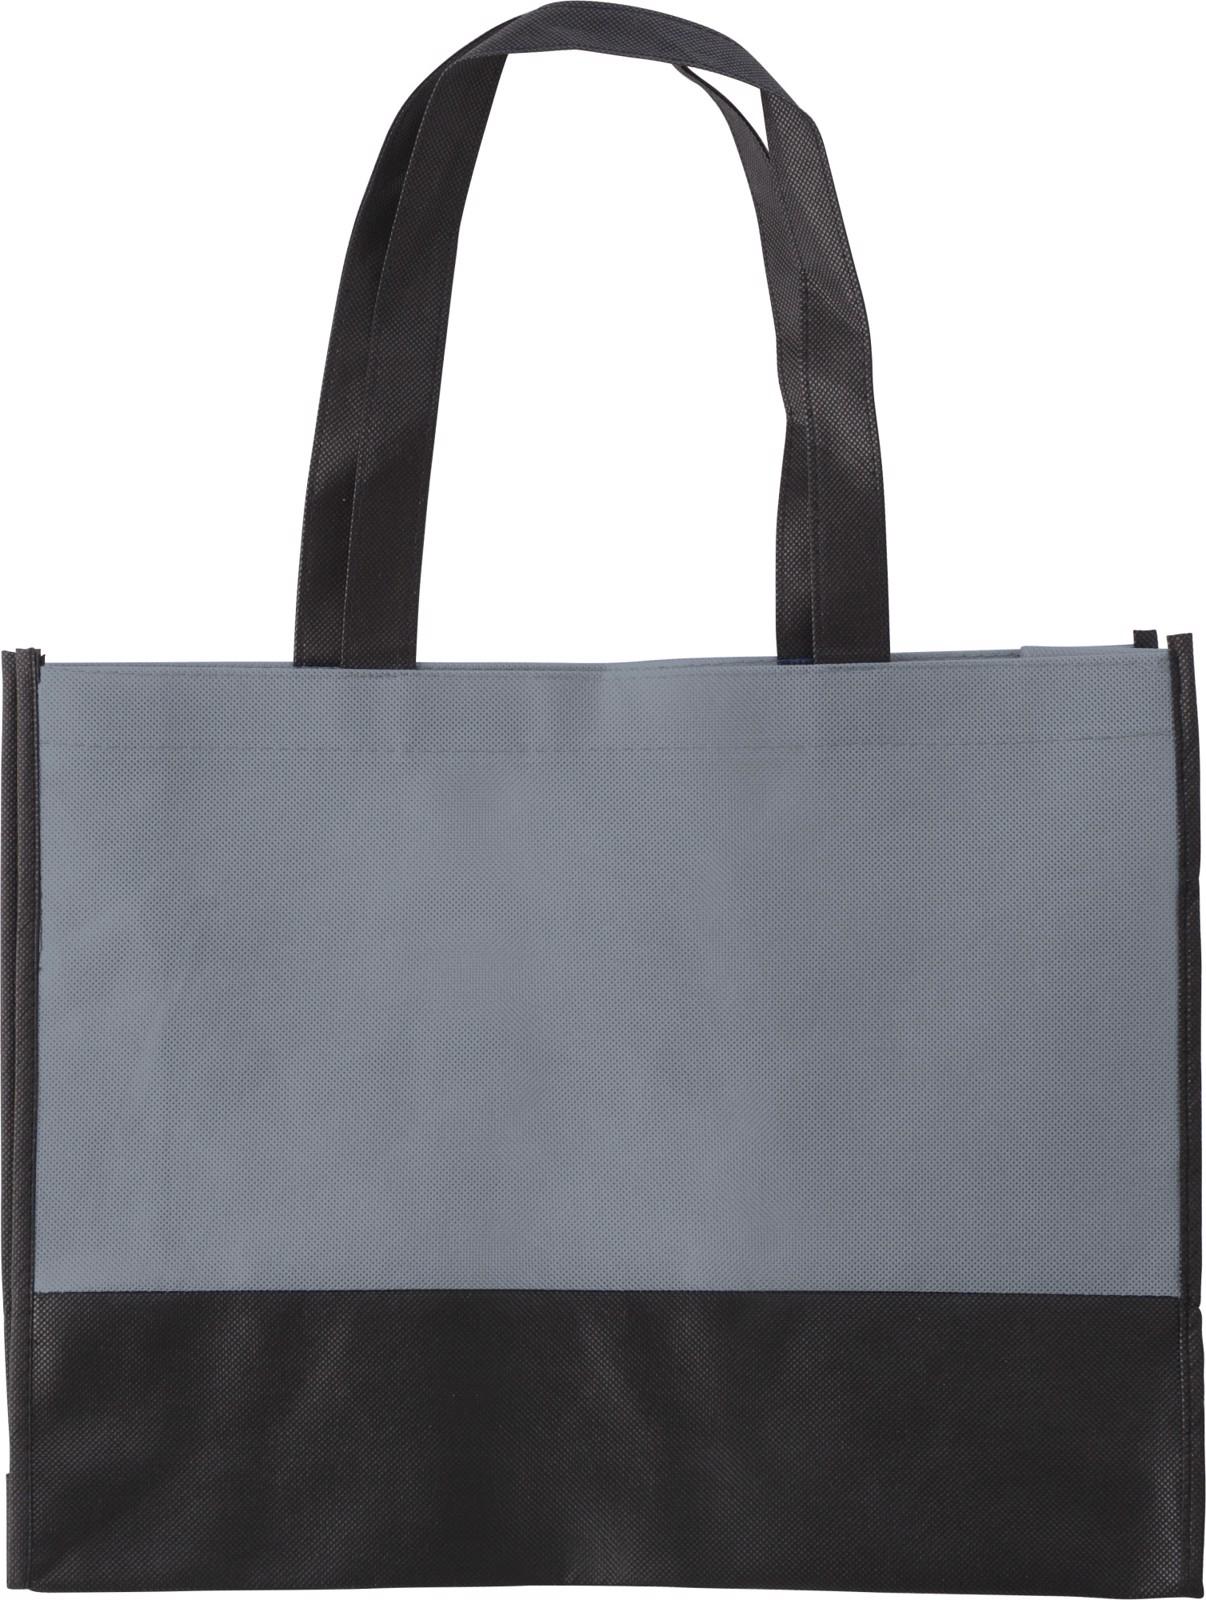 Nonwoven (80 gr/m²) shopping bag - Grey